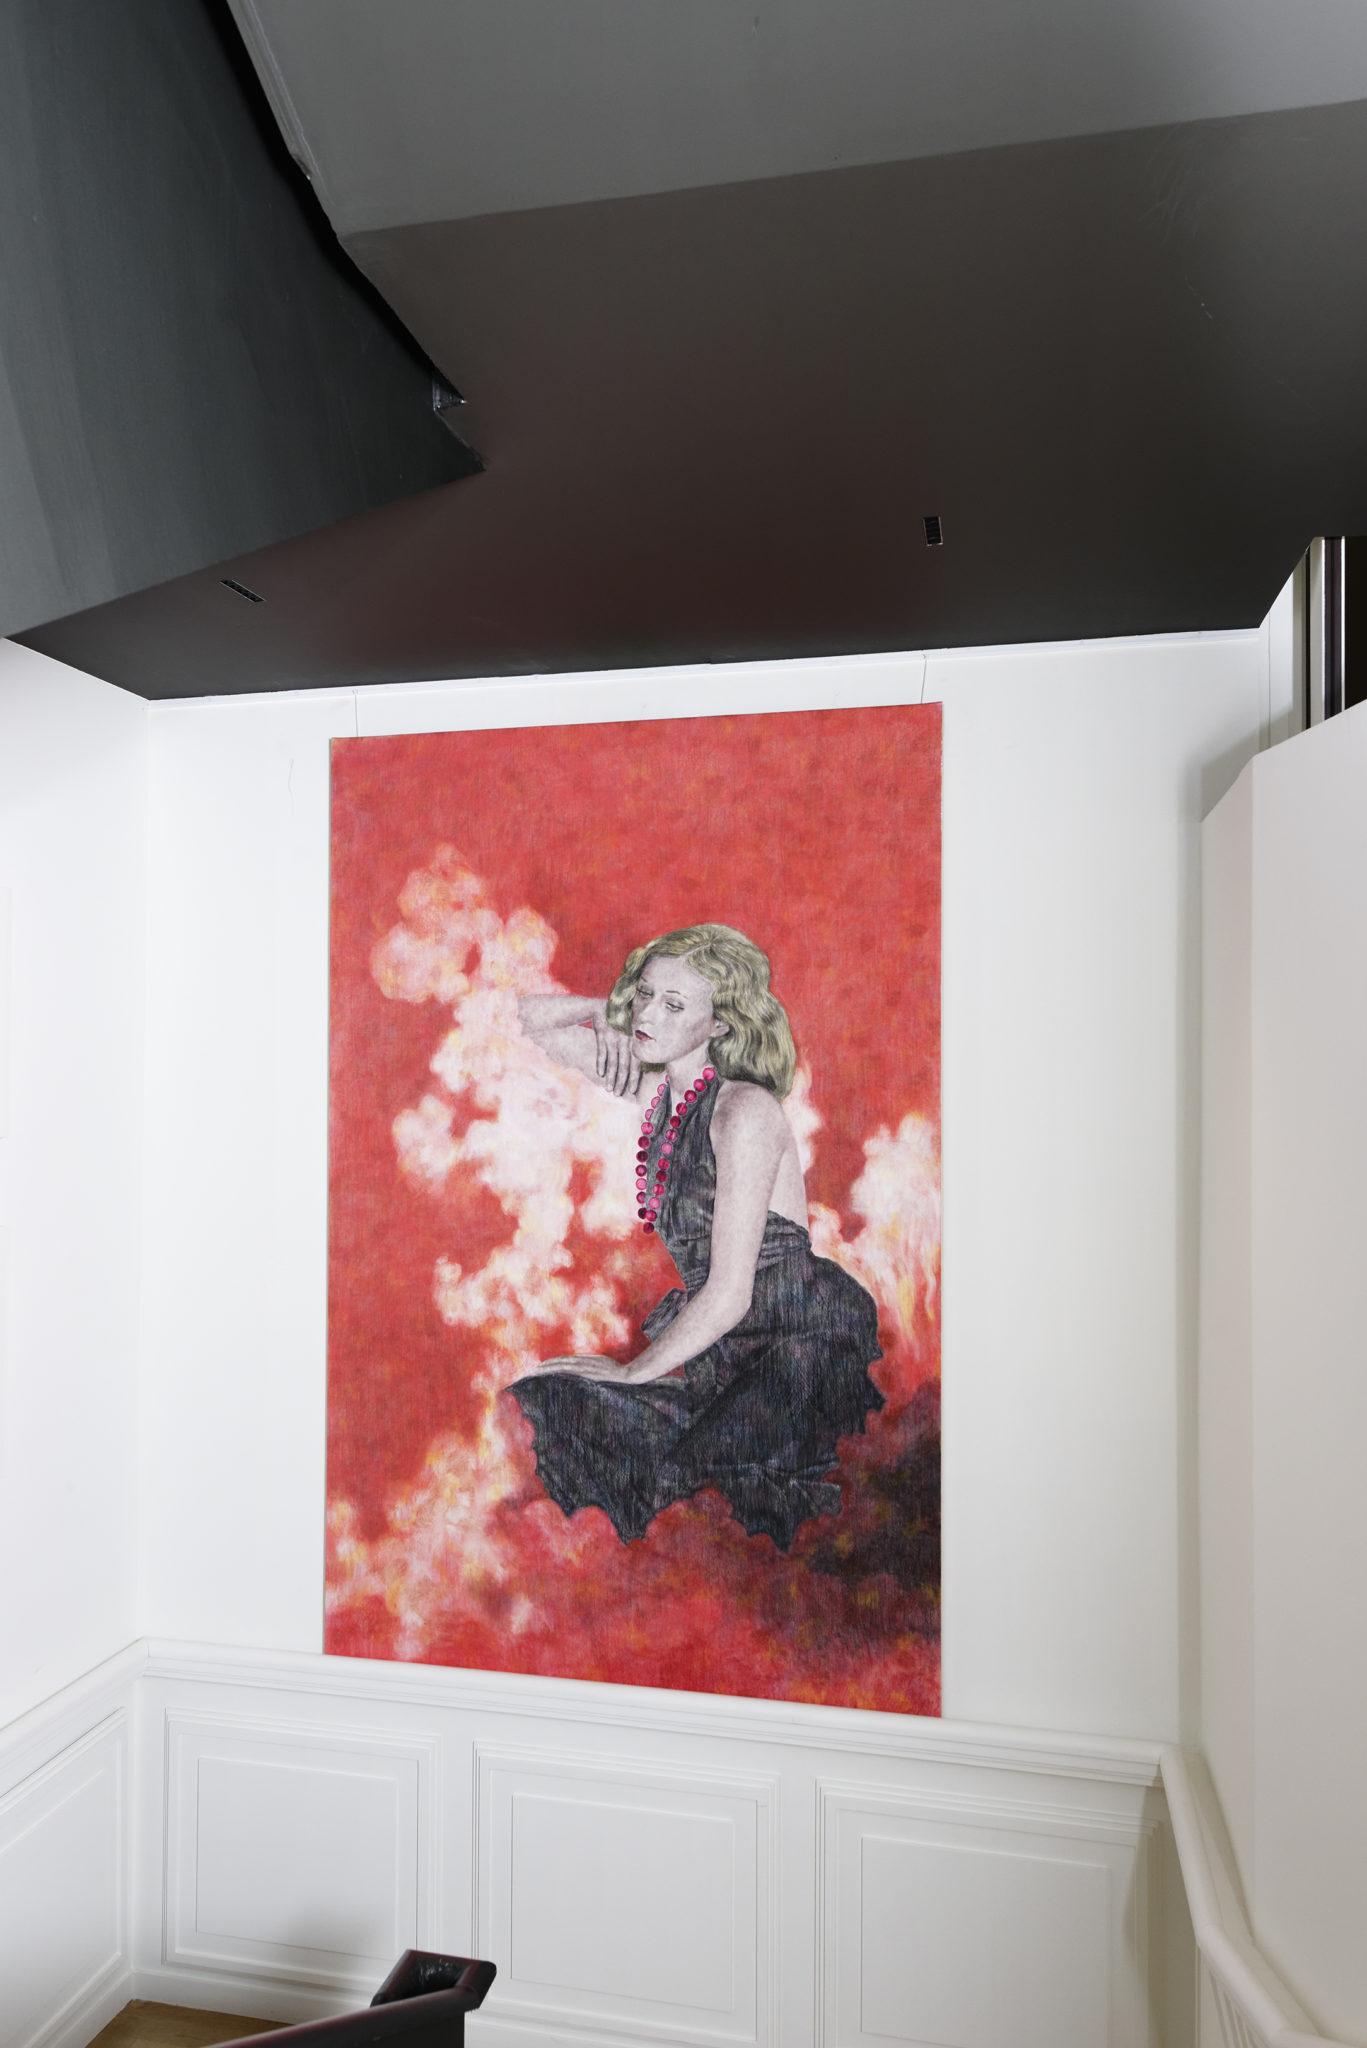 Chambres à part 13 – Parfums de Femmes – Iris Van Dongen, Adel Blanc Sec, pastel sur papier marouflé sur toile, 230×150 cm – Laurence Dreyfus